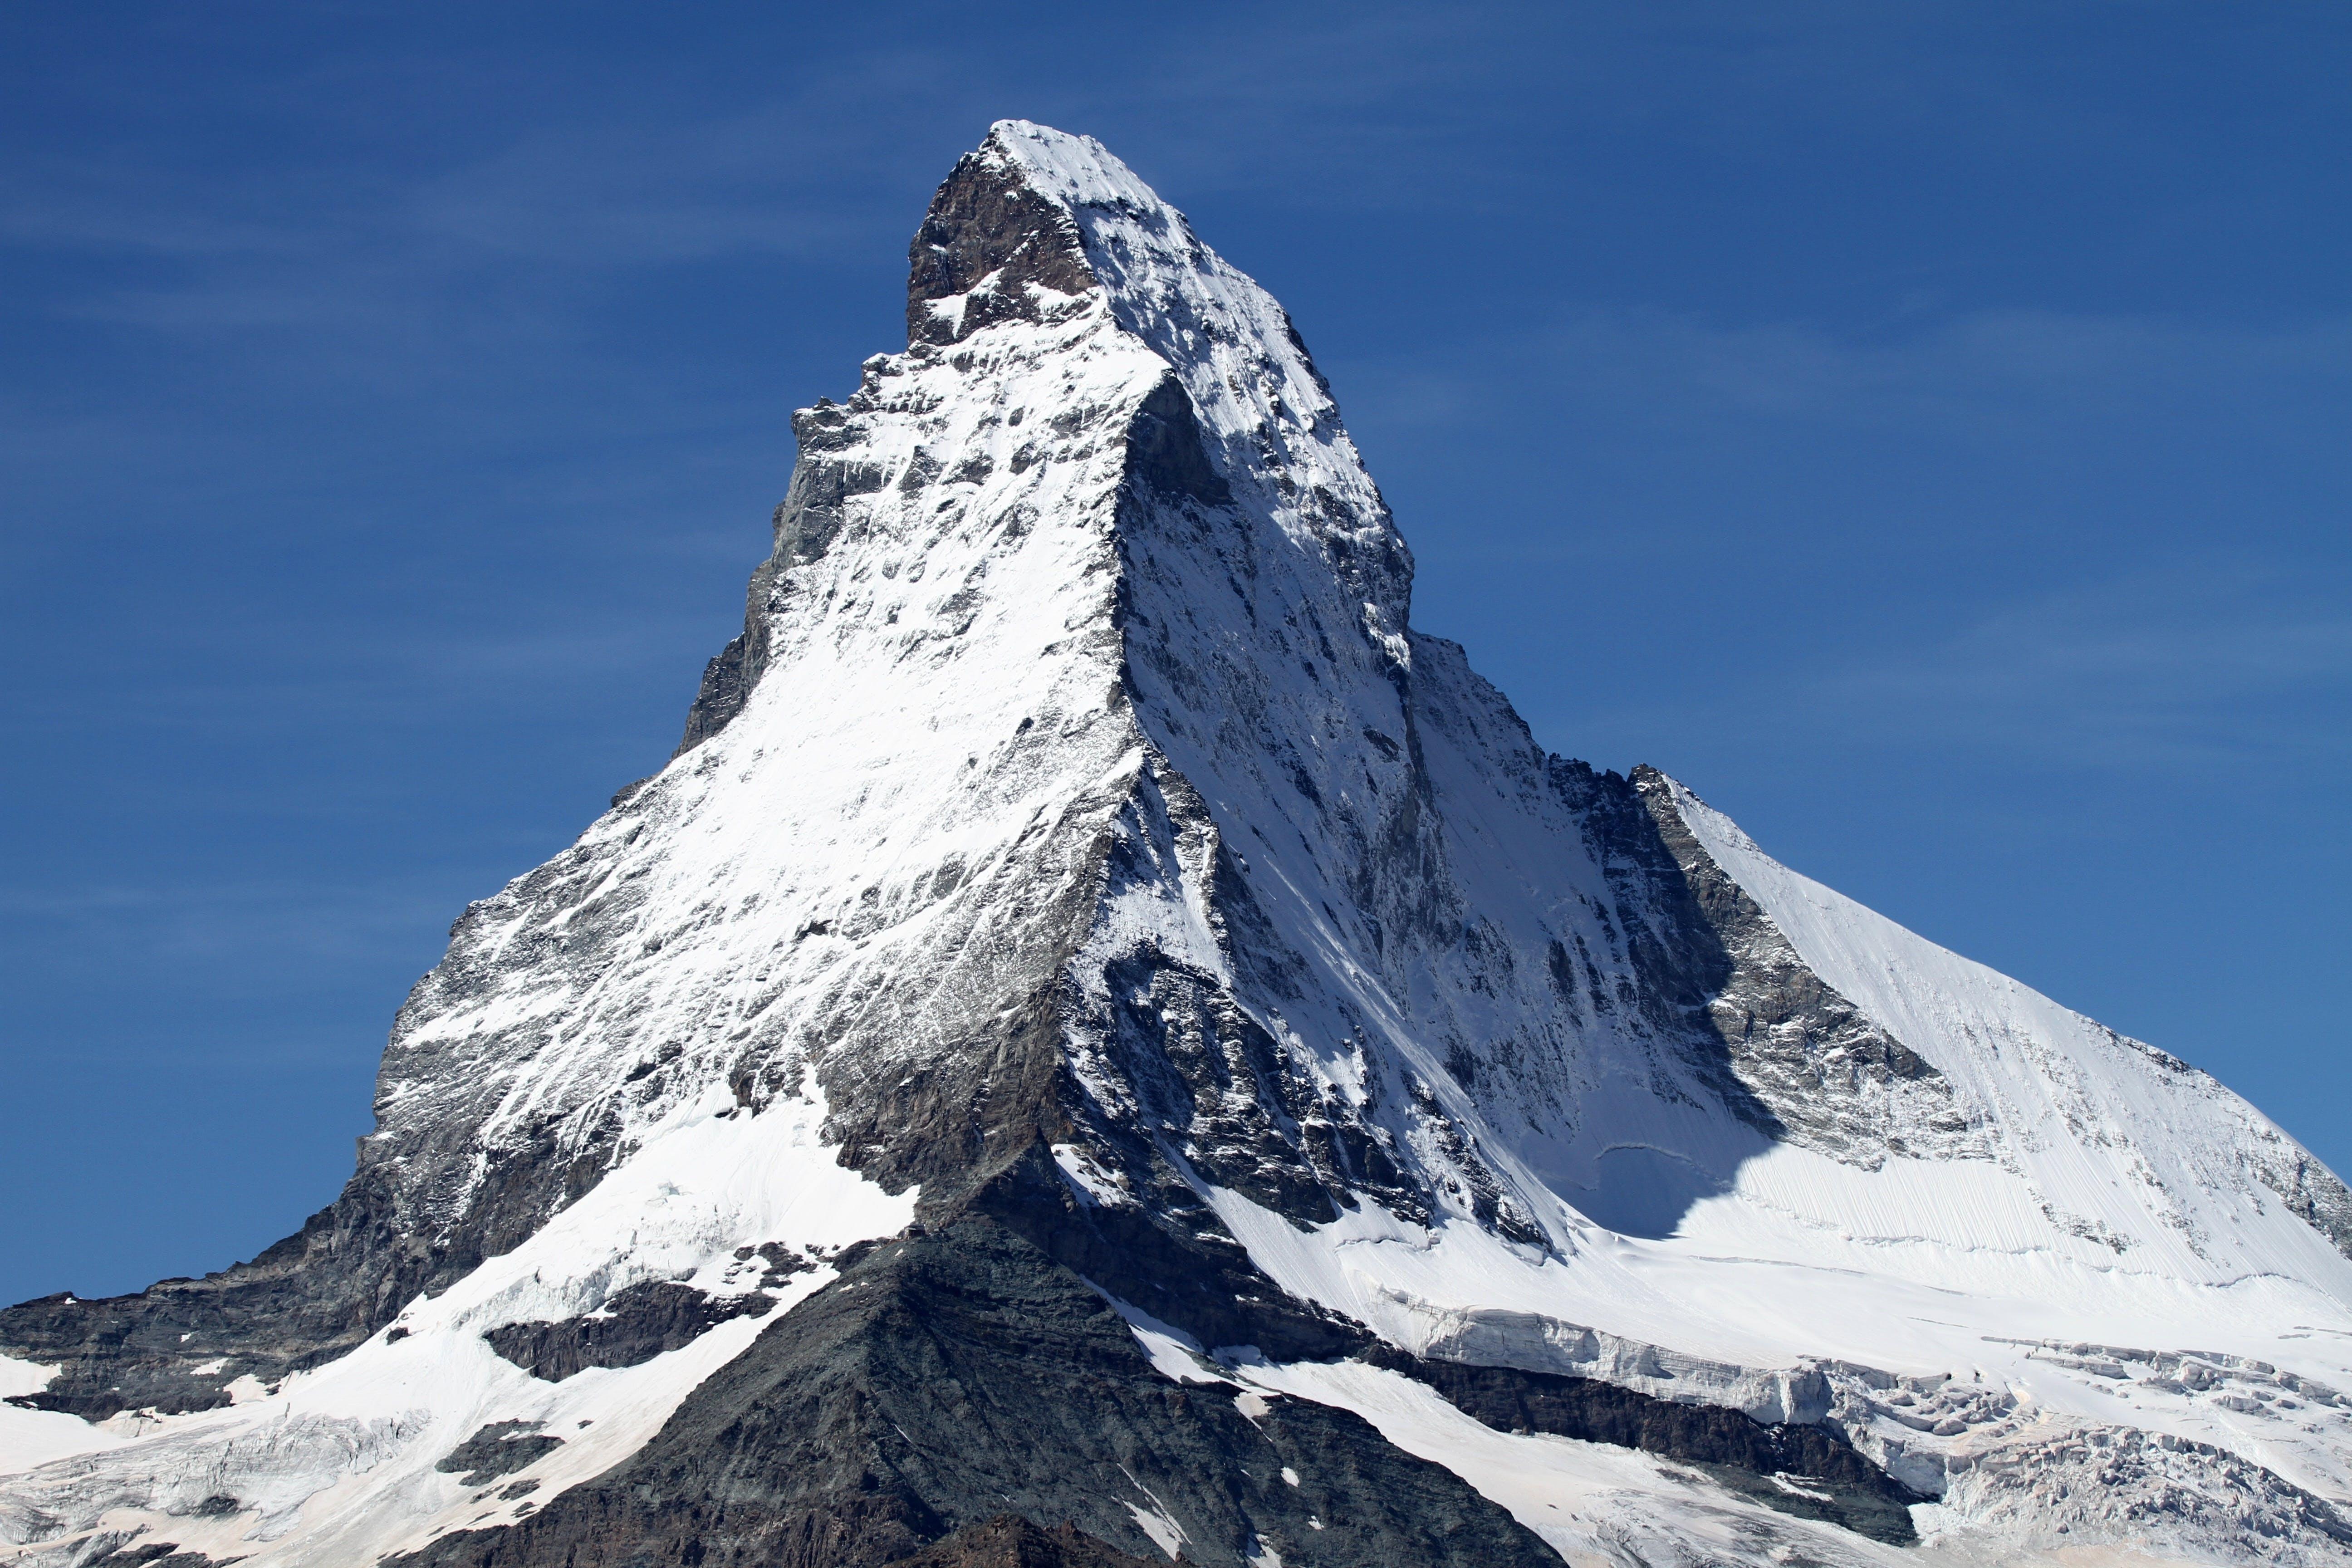 Gratis lagerfoto af bjerg, bjergtinde, bjergtop, himmel